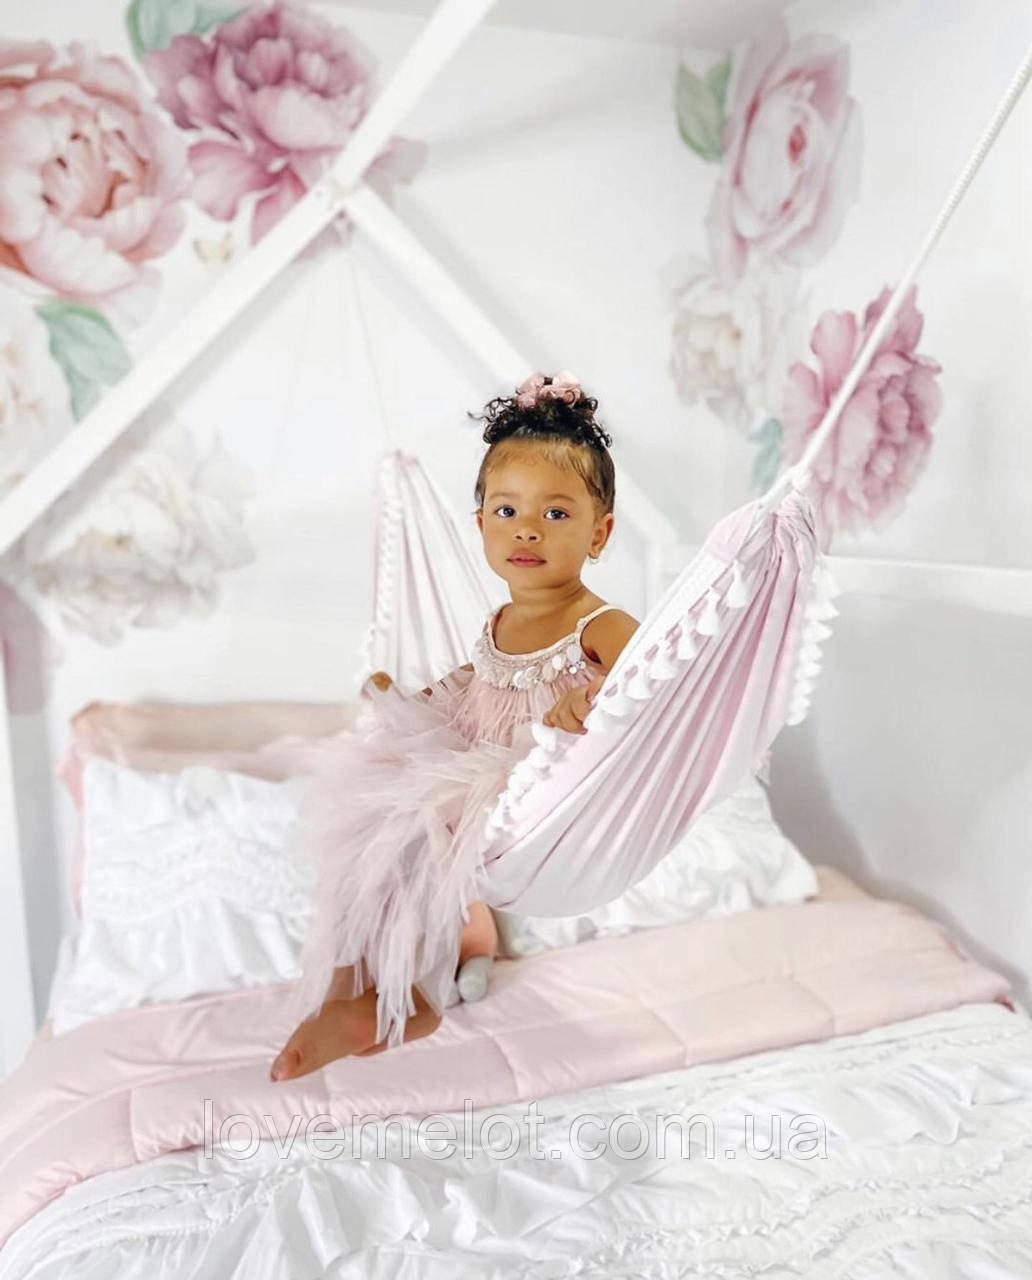 Детский гамак тканевый с кистями, размер 80*120см на 1-3 года, качель подвесная детская тканевая, бохо стиль